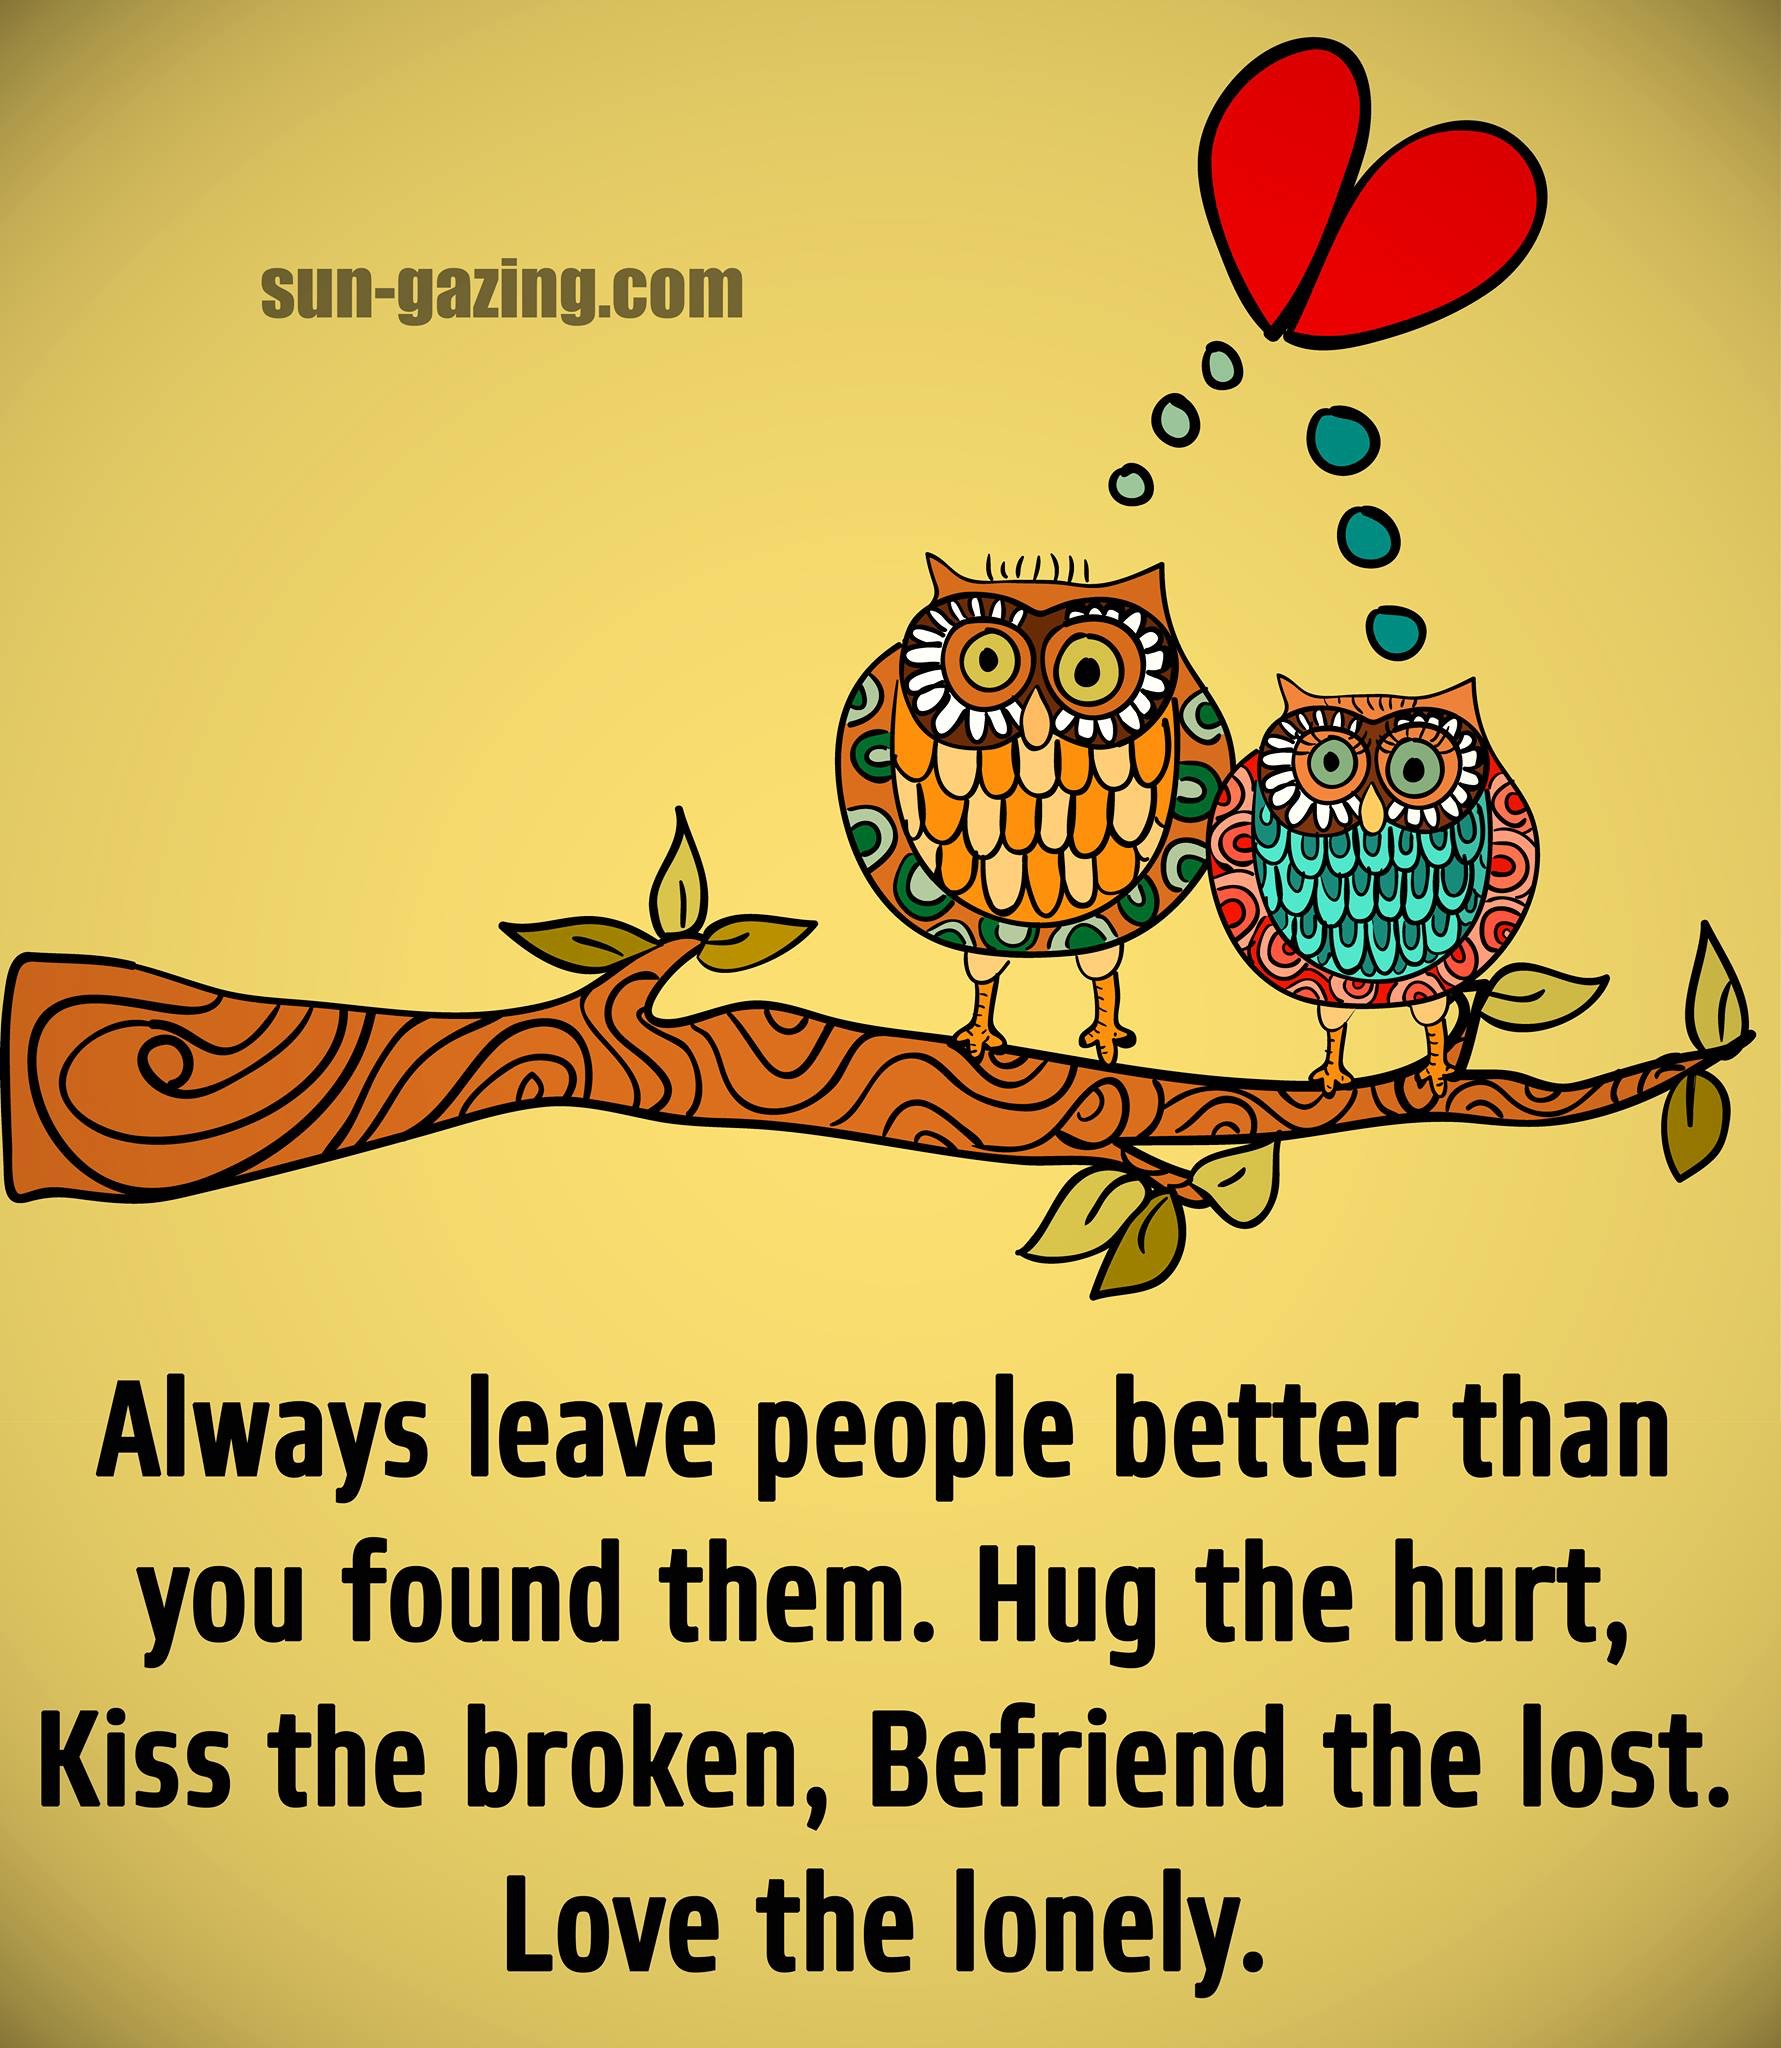 fii bun cu oamenii care merita